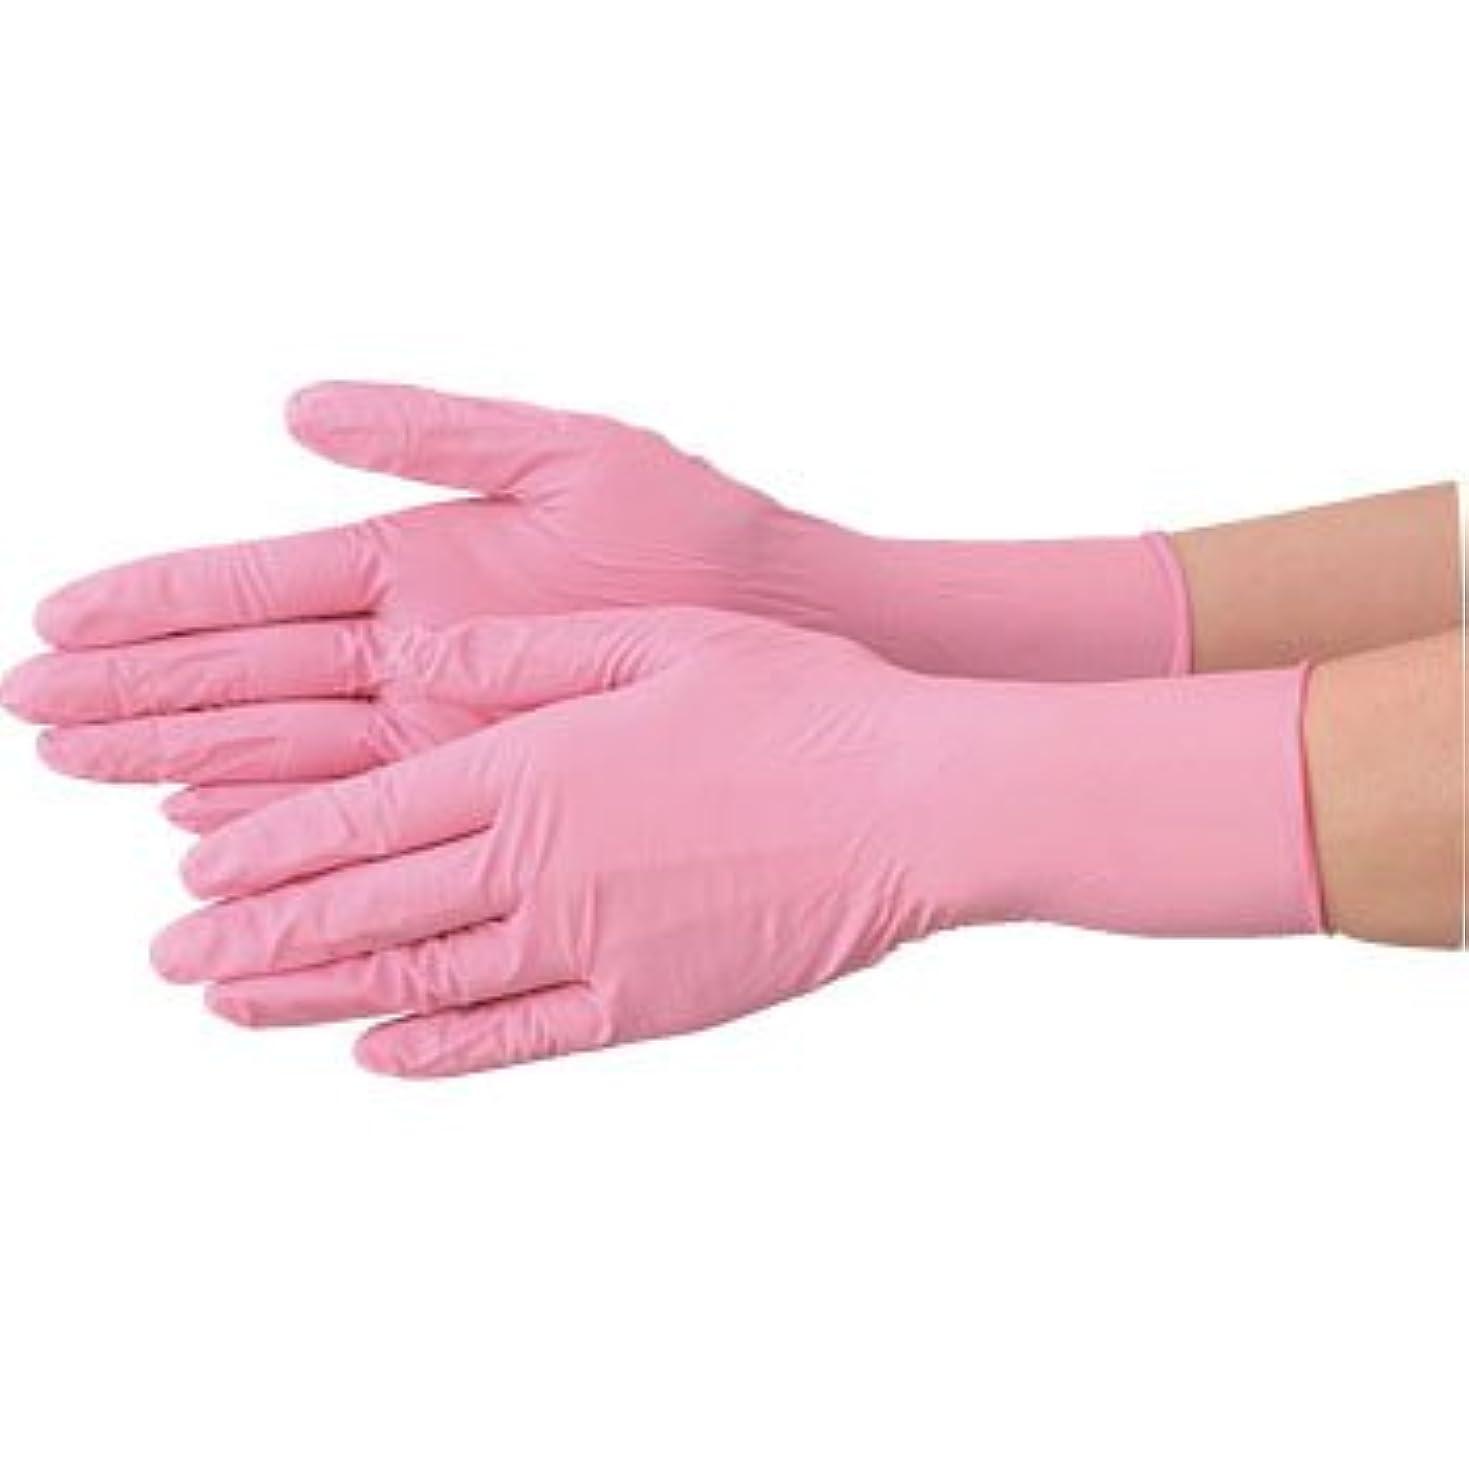 手足鎮静剤イヤホン使い捨て 手袋 エブノ 570 ニトリル ピンク Lサイズ パウダーフリー 2ケース(100枚×60箱)